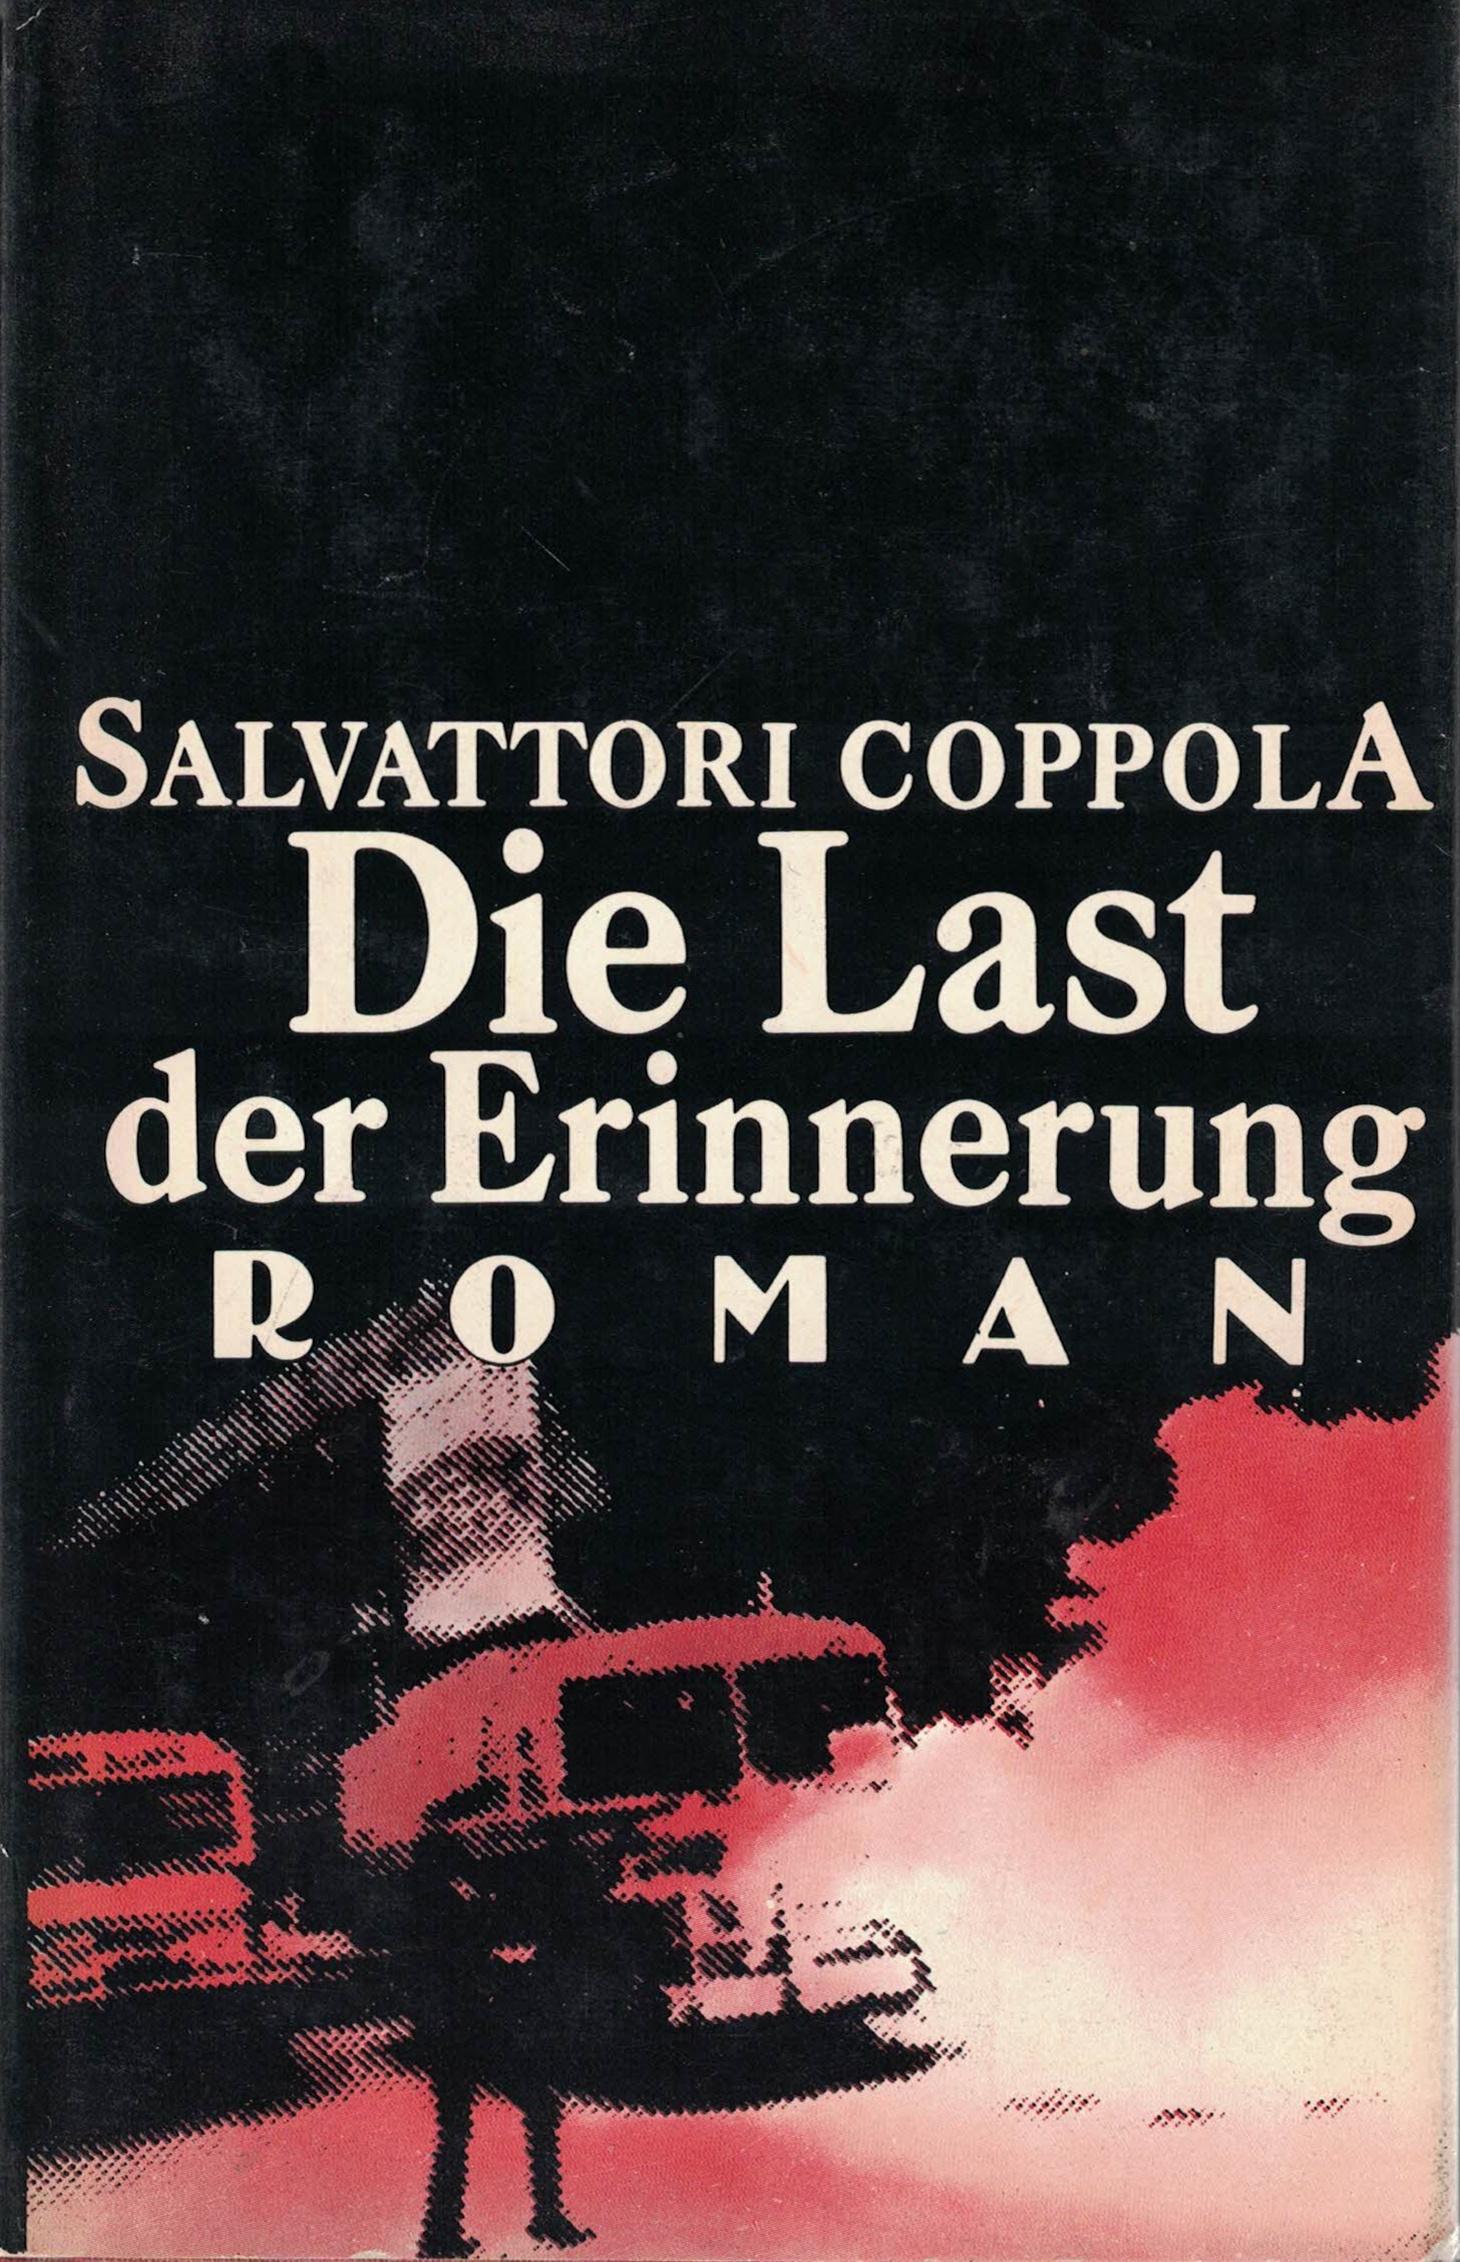 Salvattori Coppola - Die Last der Erinnerung - aus dem Spanischen übersetzt